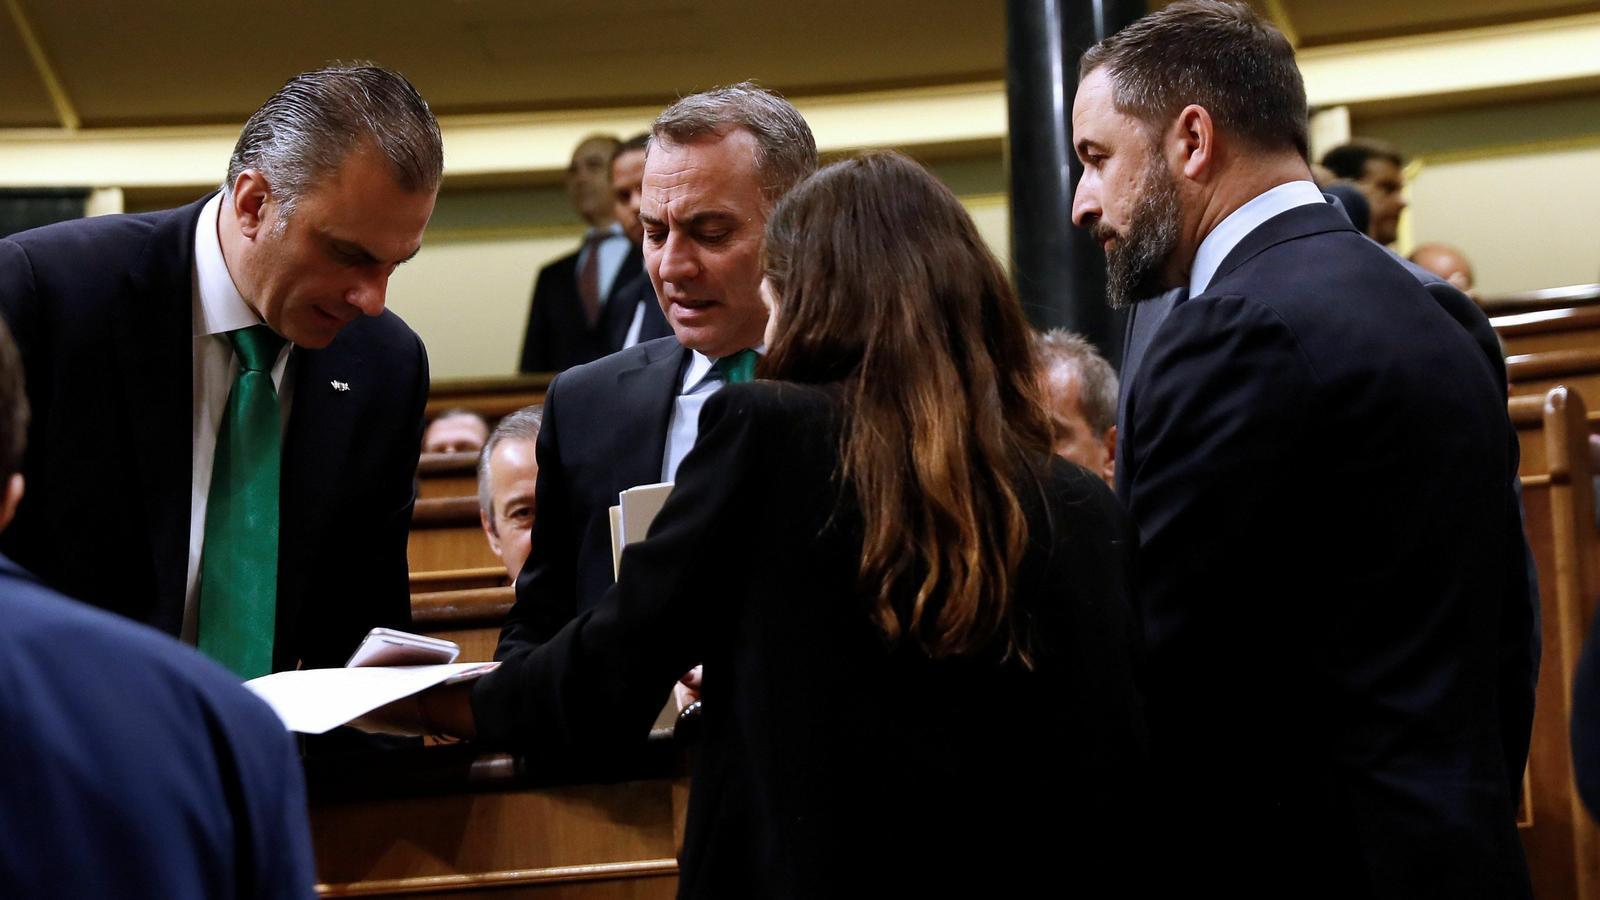 EN DIRECTE: Arrenca la nova legislatura al Congrés amb la incògnita de si Vox podrà entrar a la mesa